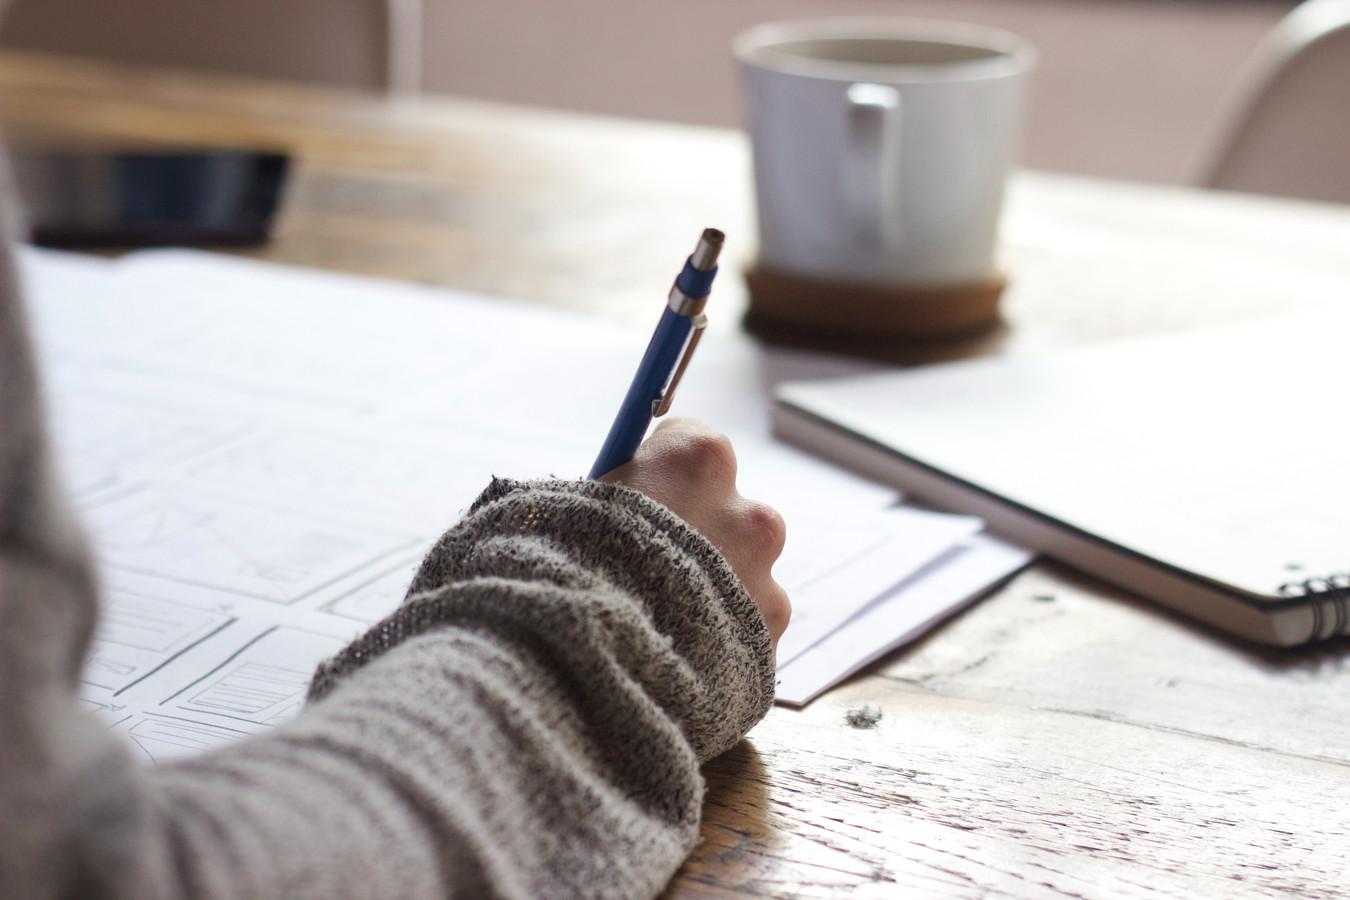 情報処理技術者試験に合格するための3ステップ【IT資格取得者必見】